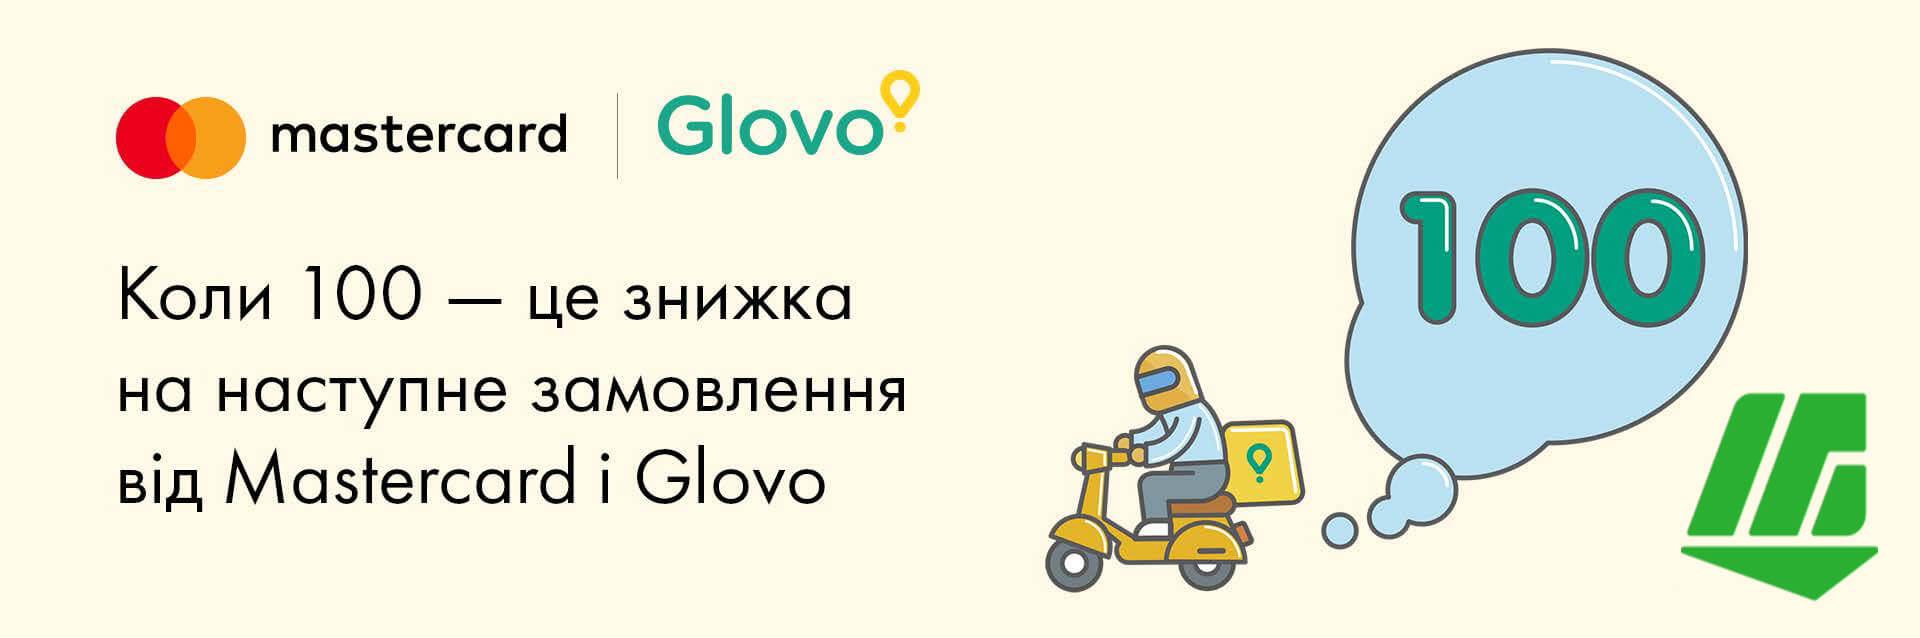 Ще не користувалися додатком Glovo з карткою Mastercard від МТБ БАНКу? - фото - mtb.ua